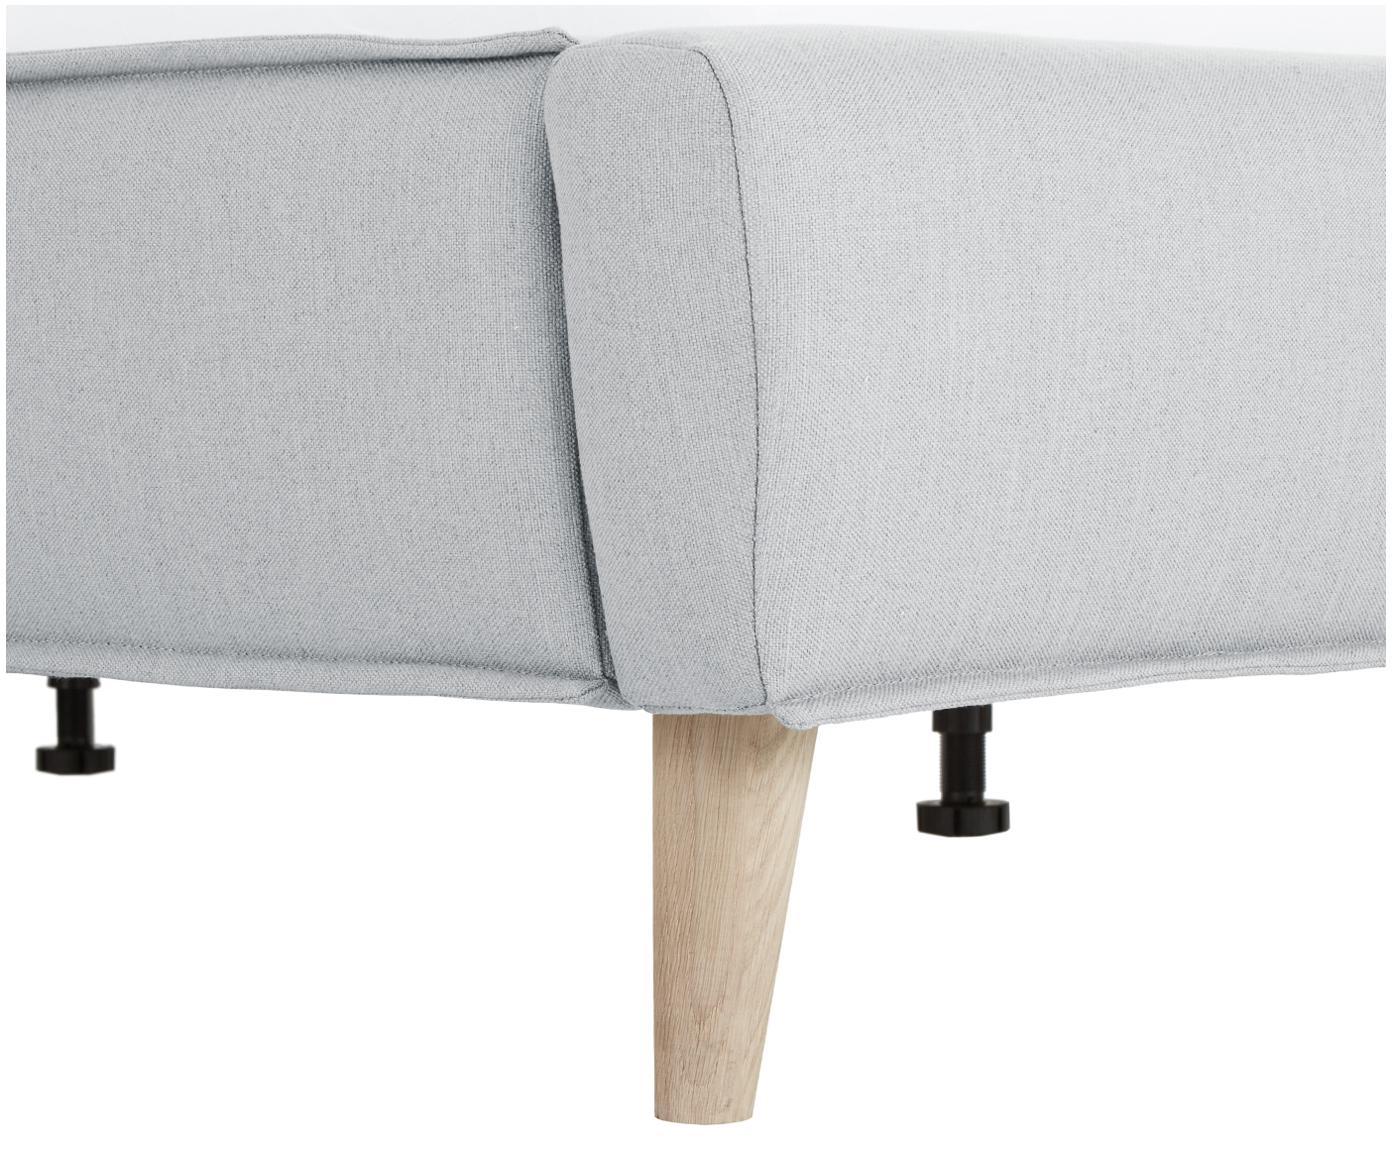 Gestoffeerd bed Moon, Frame: massief grenenhout, Poten: massief eikenhout, Bekleding: polyester (structuurstof), Lichtgrijs, 180 x 200 cm